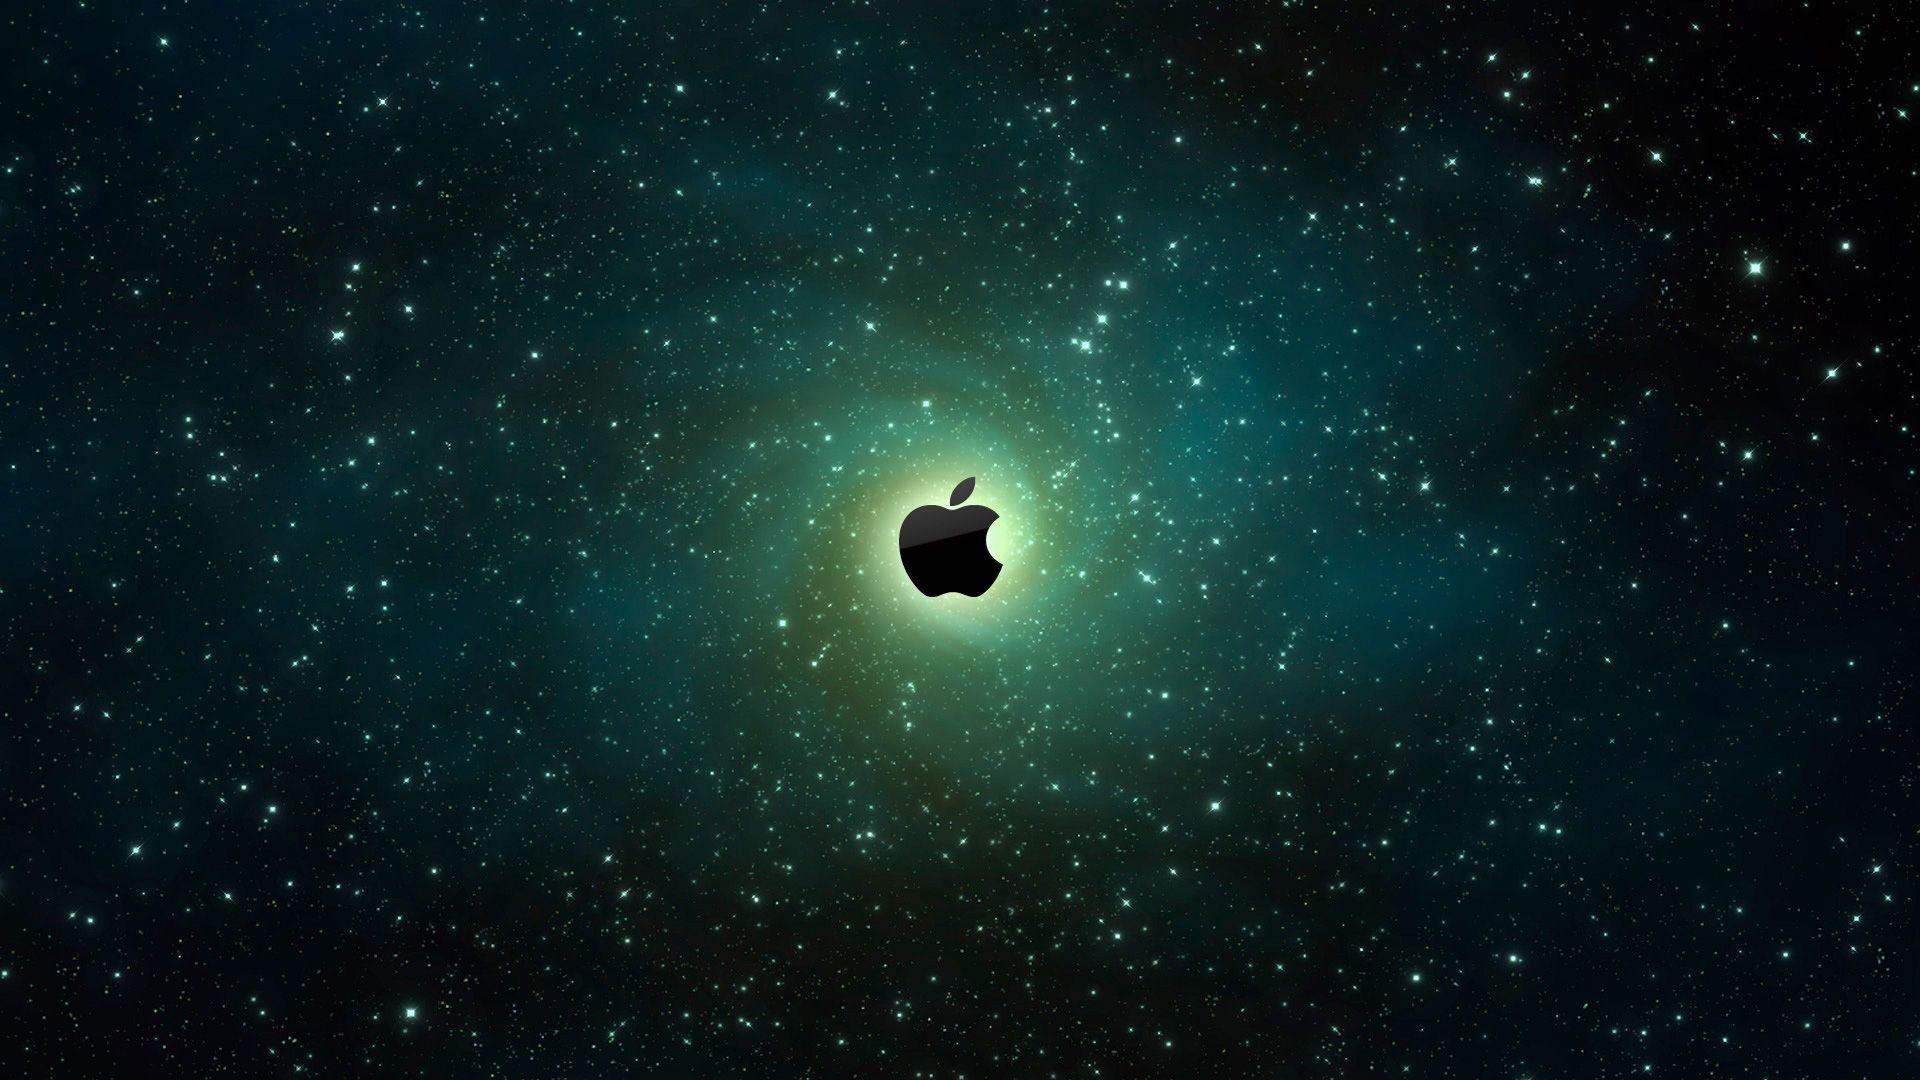 Apple Ipad 1080p